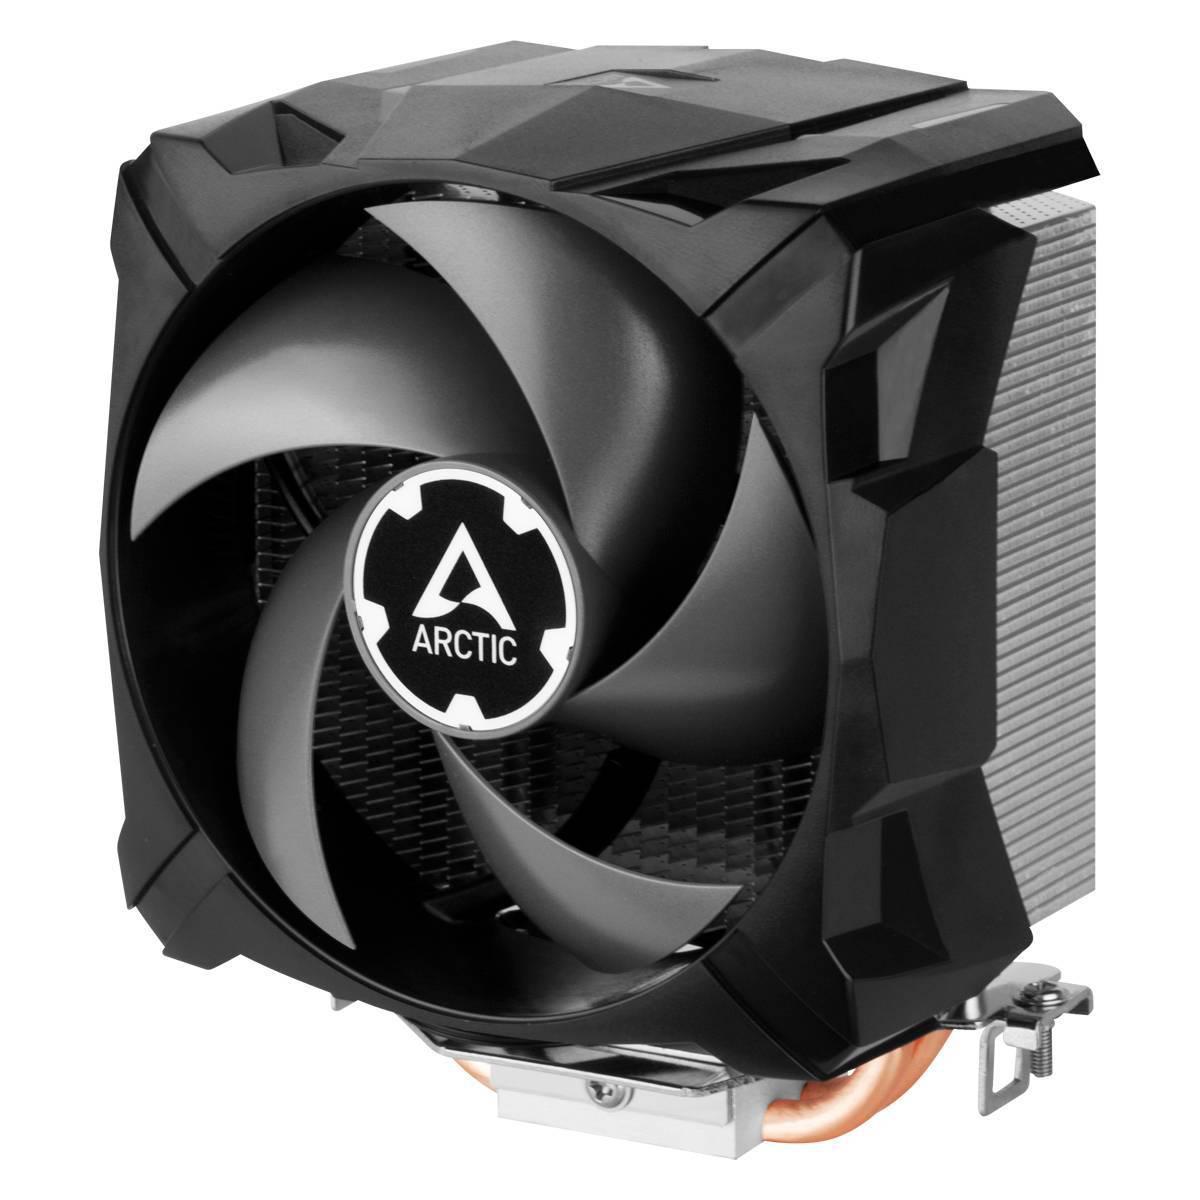 ARCTIC Freezer 7 X CO CPU Cooler